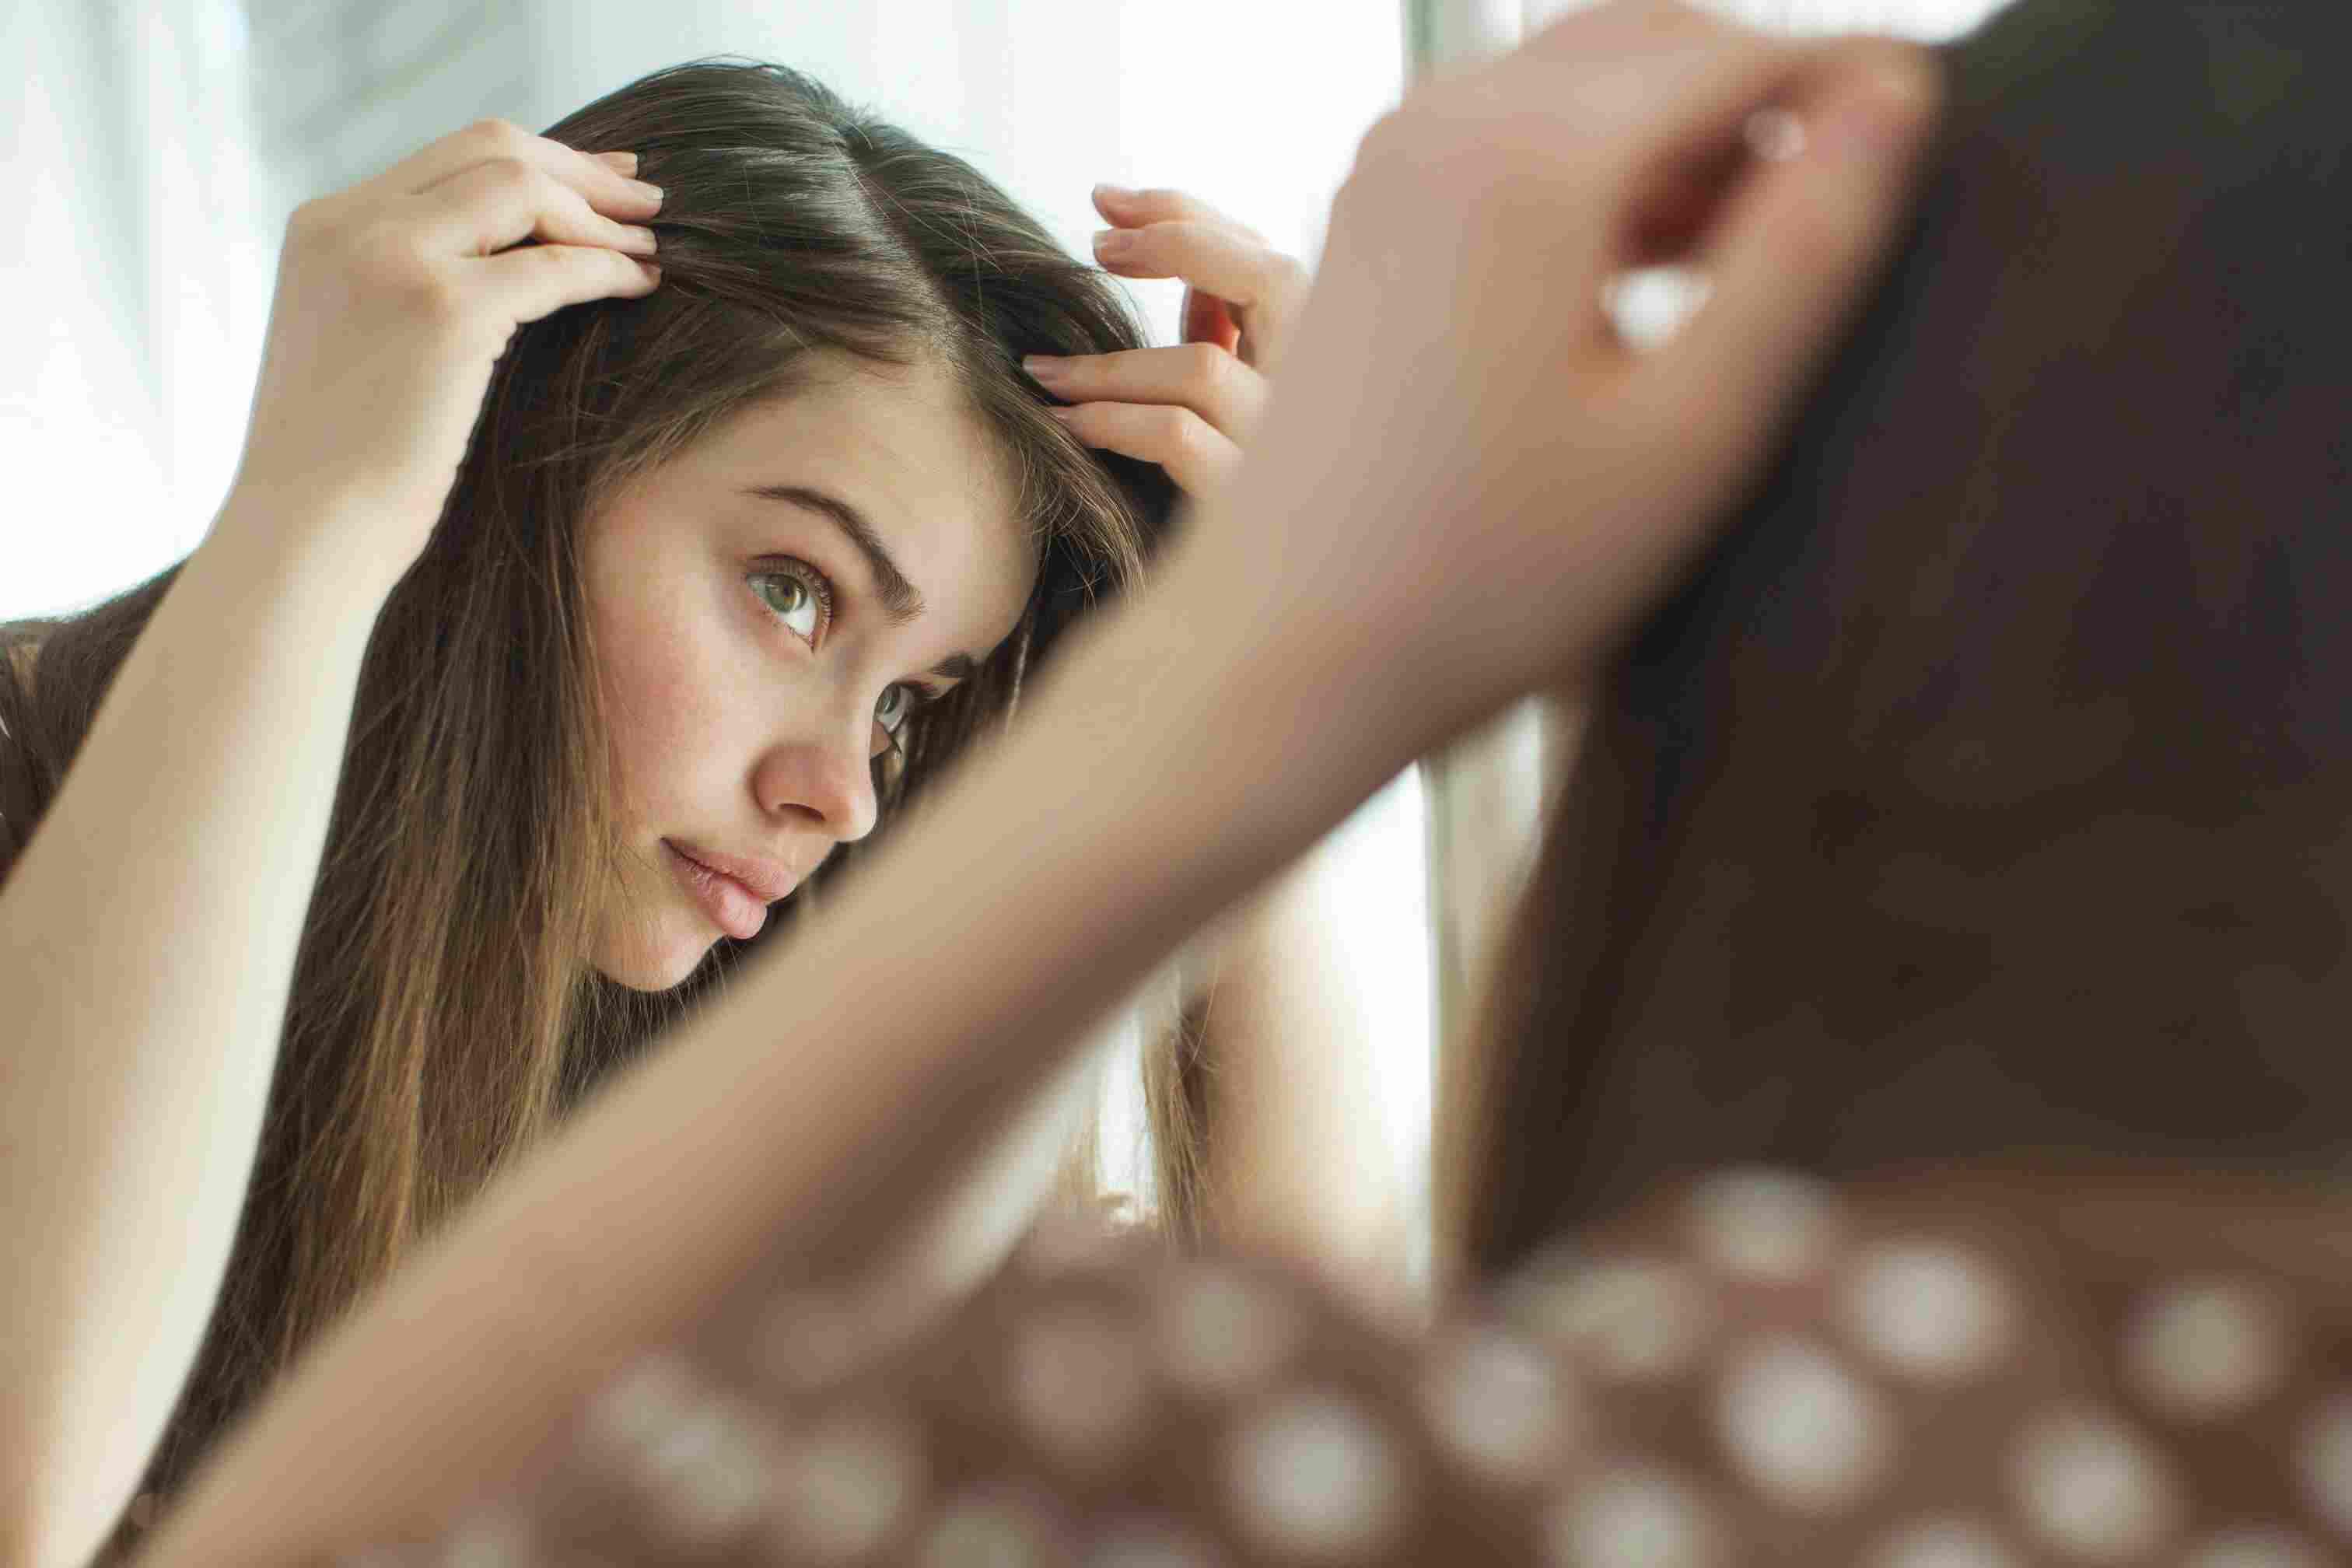 Mujer mirándose al espejo